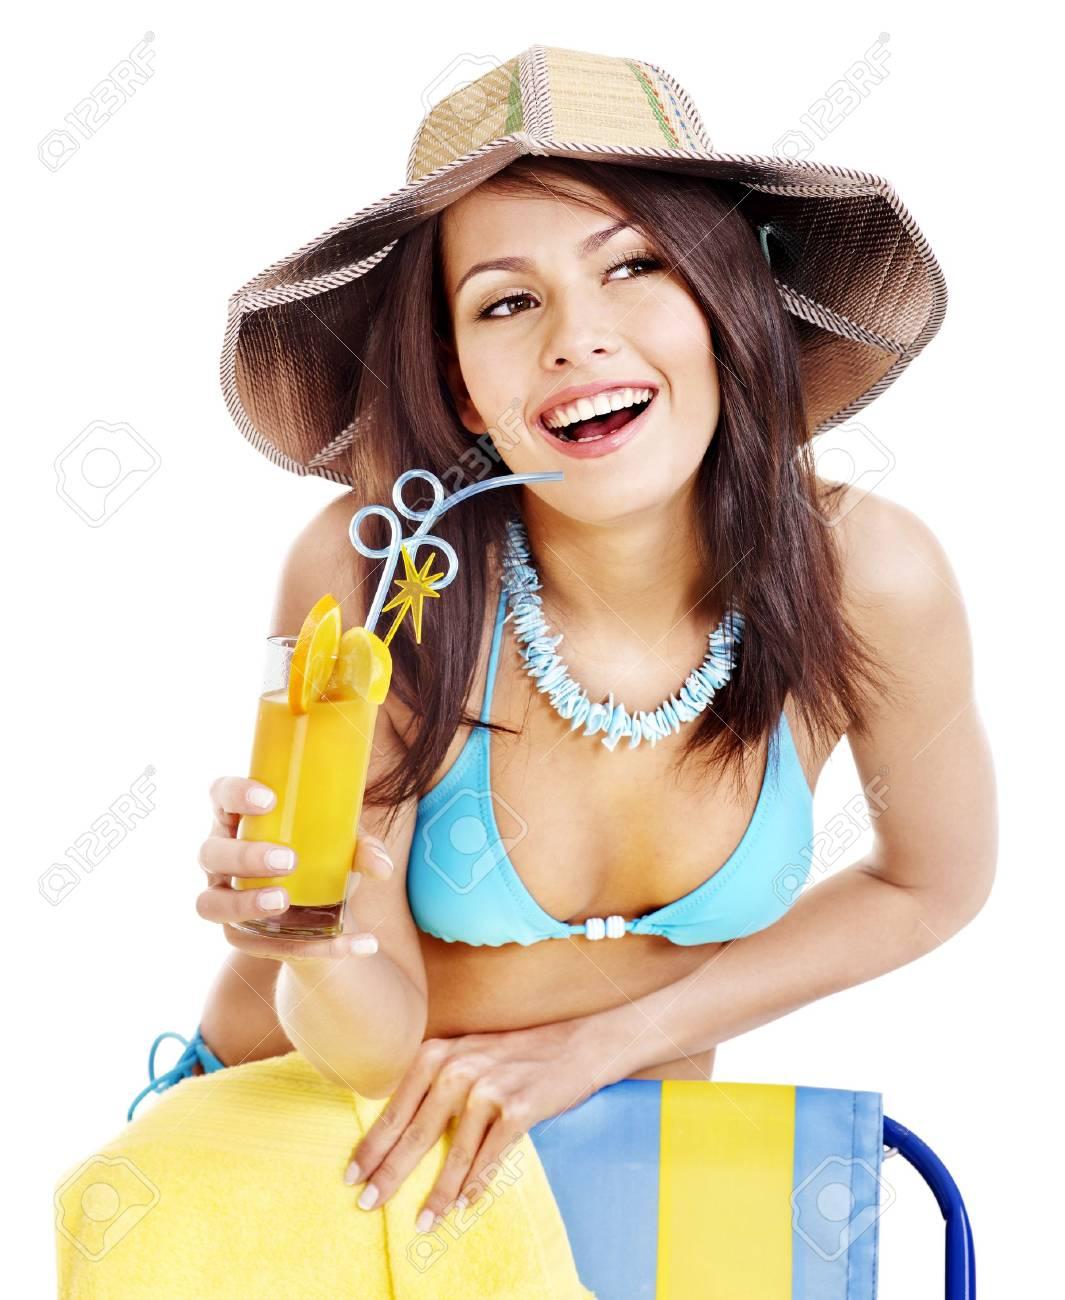 Girl in bikini drink juice through  straw. Isolated. Stock Photo - 17753898